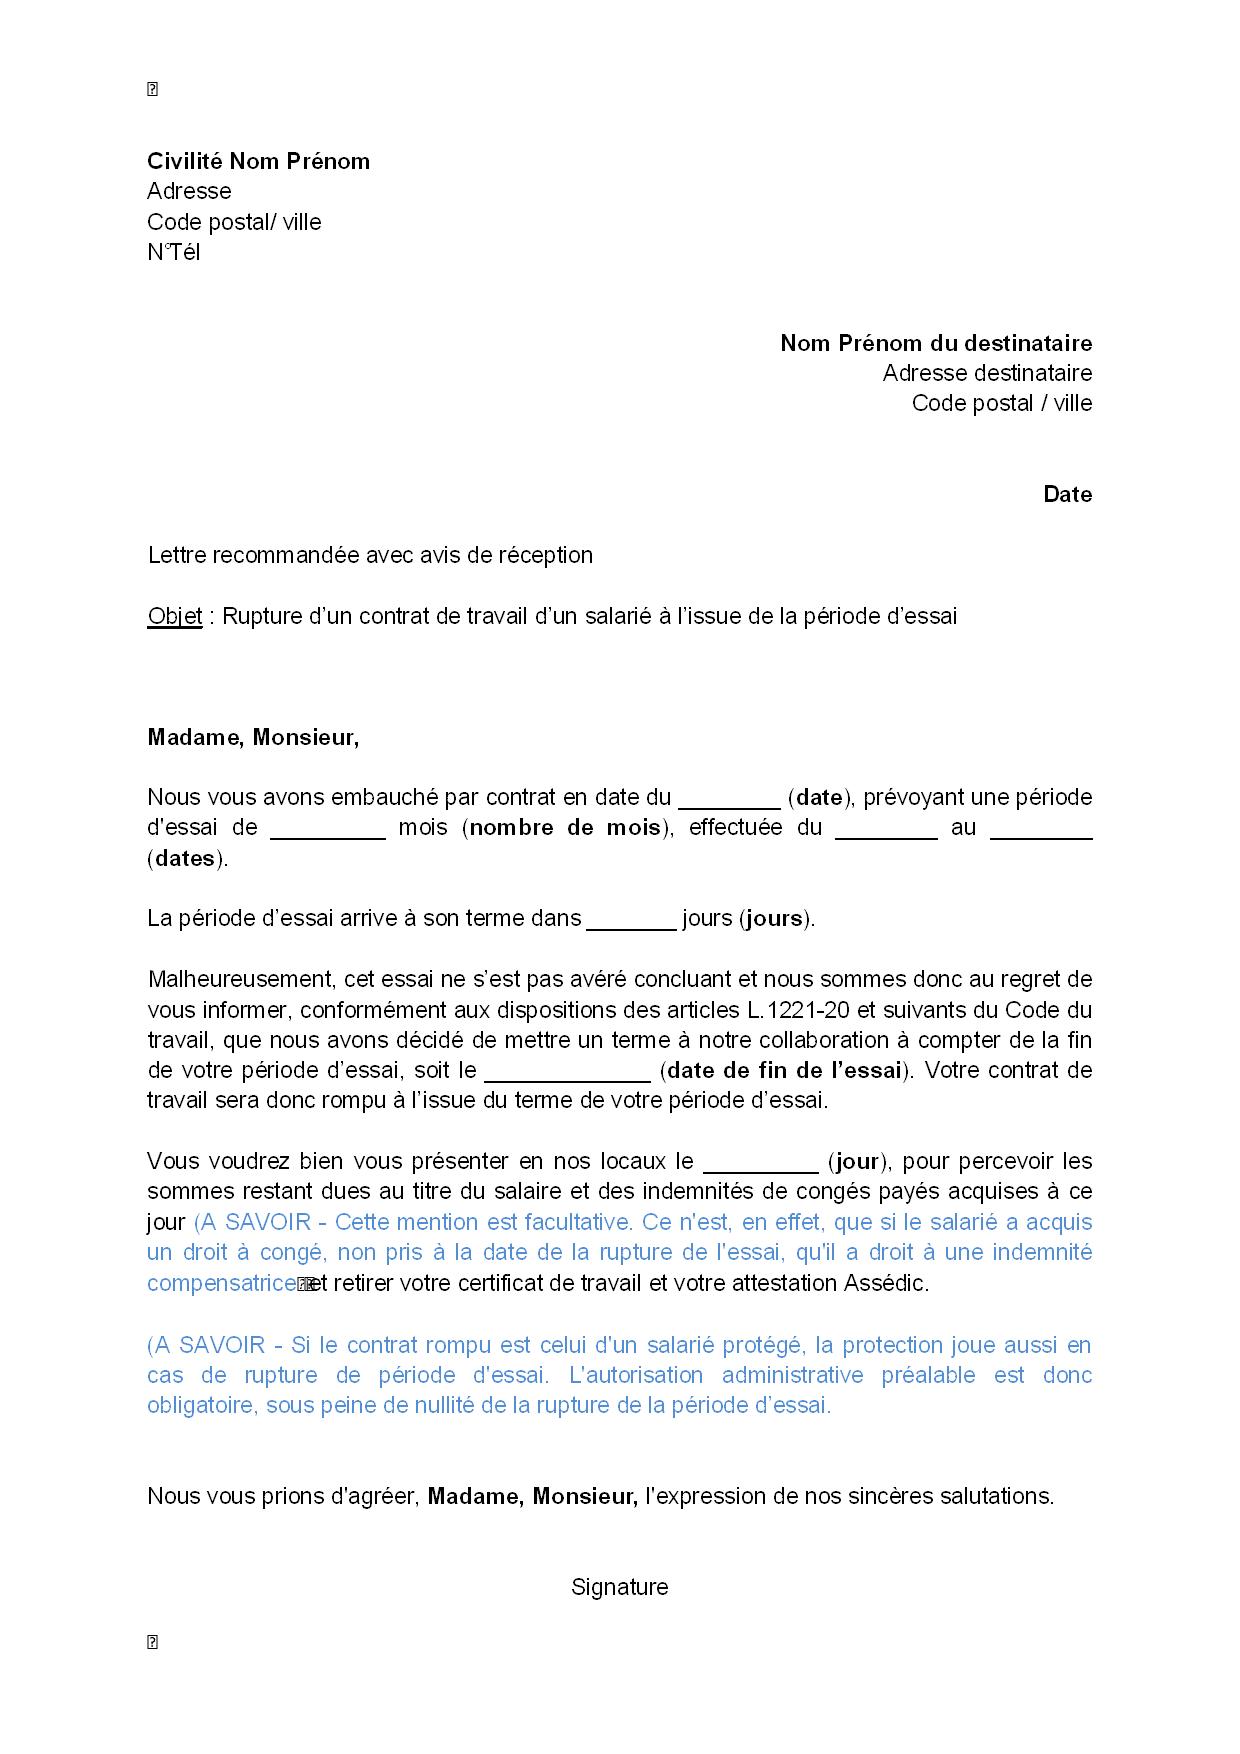 3926ddb8a47 Résiliation contrat de travail exemple lettre - Modèle de lettre